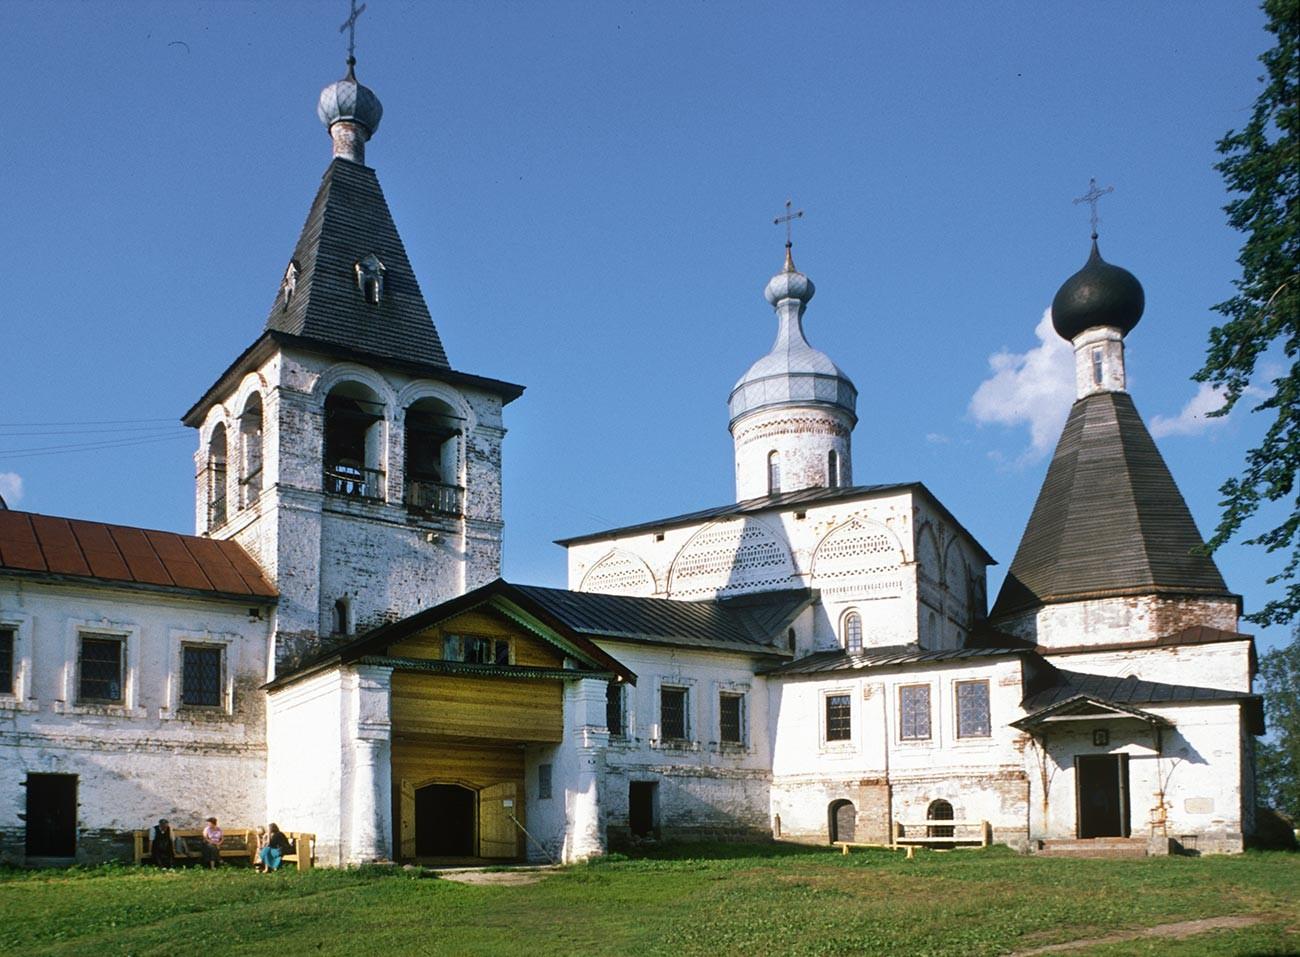 Monastère de Ferapontov. De gauche à droite : clocher, cathédrale de la Nativité, église Saint-Martinien